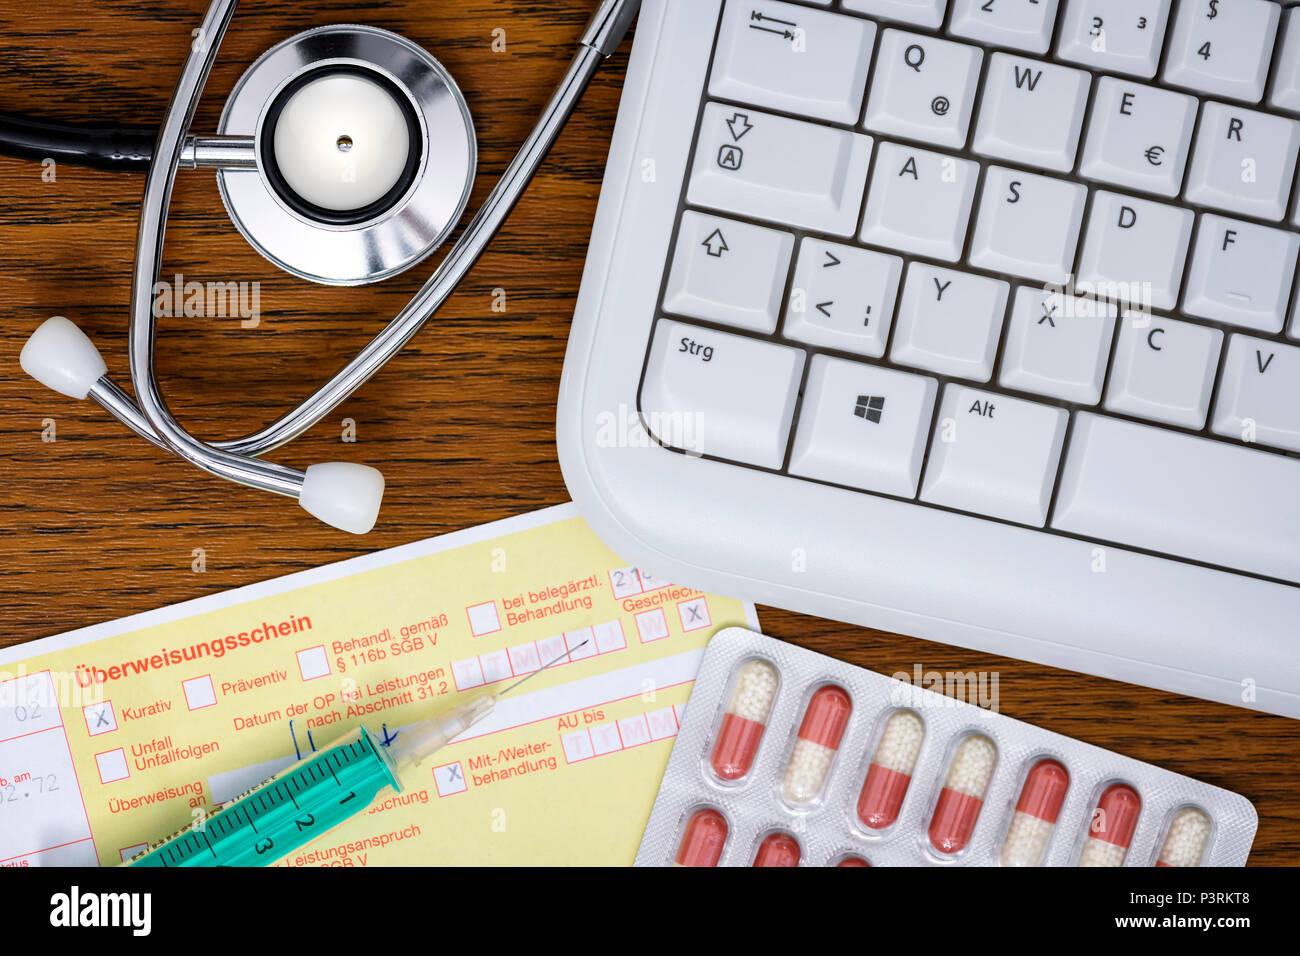 Stethoscope, computer keyboard, referral and tablets, telemedicine and remote treatment Photo icon, Stethoskop, Computertastatur, Überweisungsschein u - Stock Image